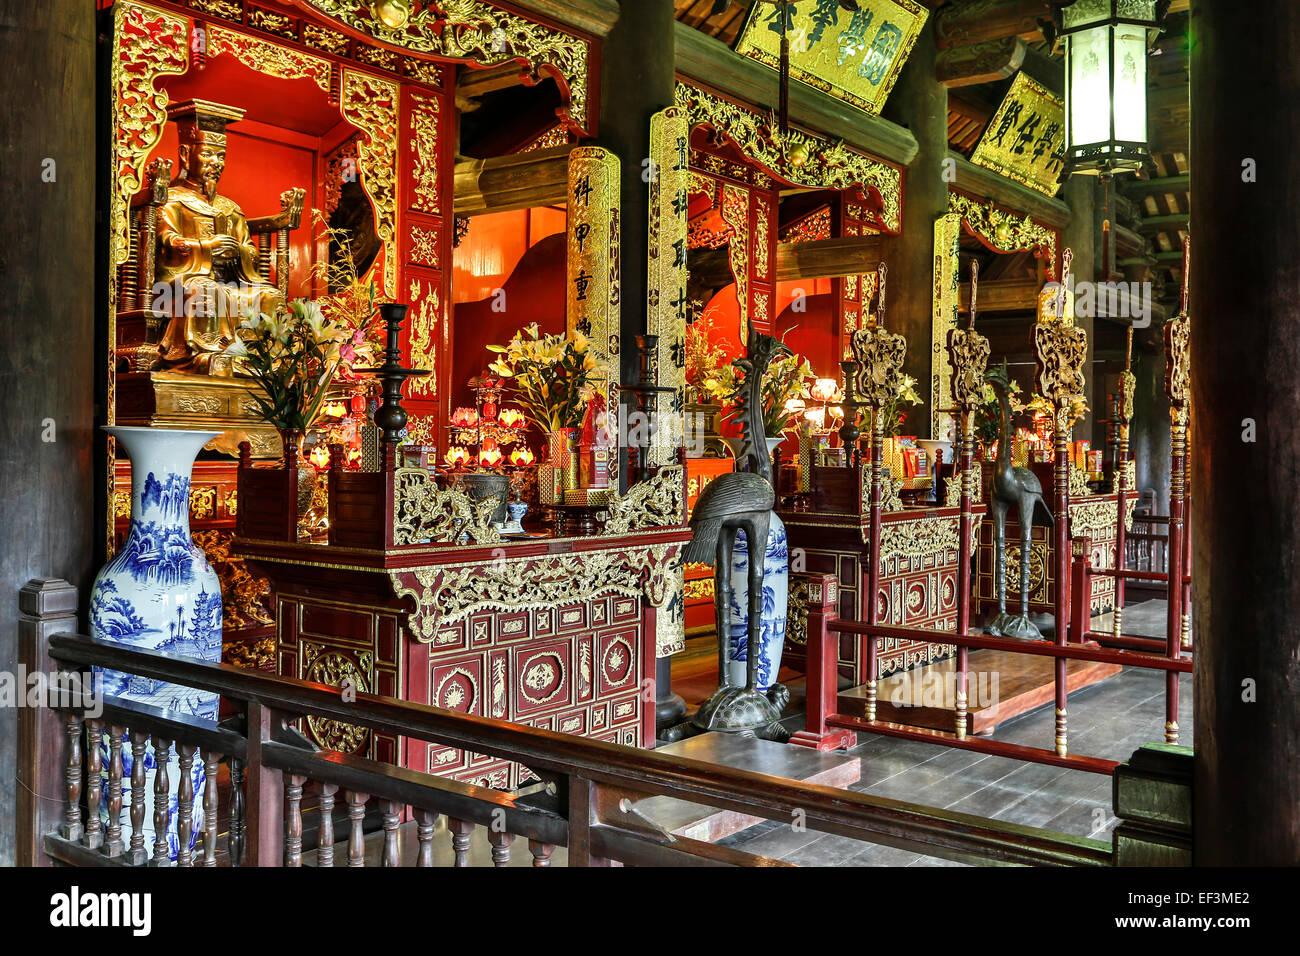 Halle widmet sich drei einflussreichen Herrscher in der Geschichte der kaiserlichen Akademie, Temple of Literature, Stockbild